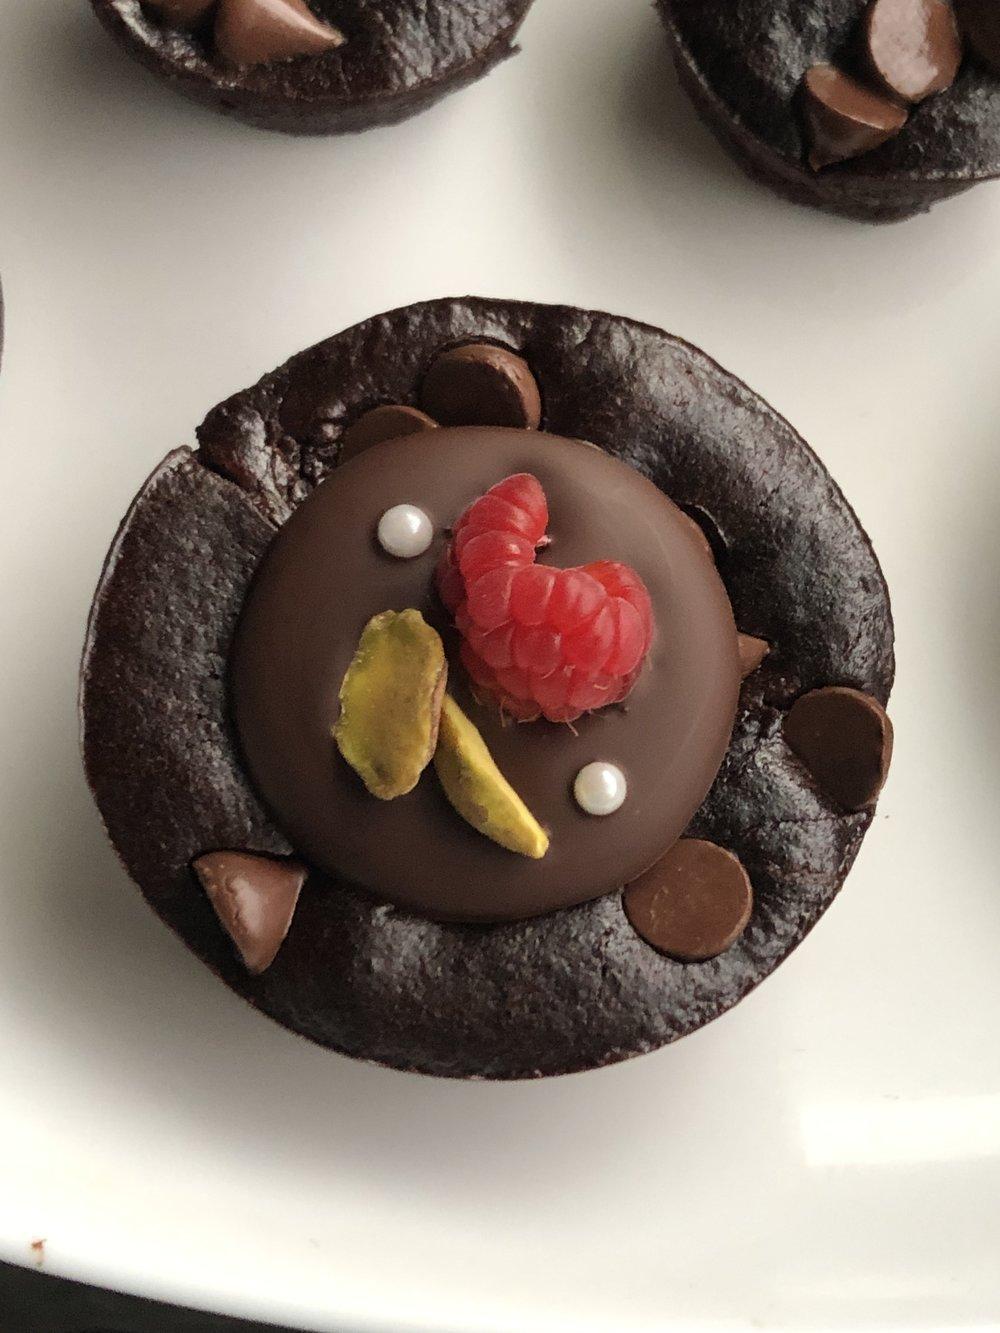 Seasoned Cynic Double Chocolate 3